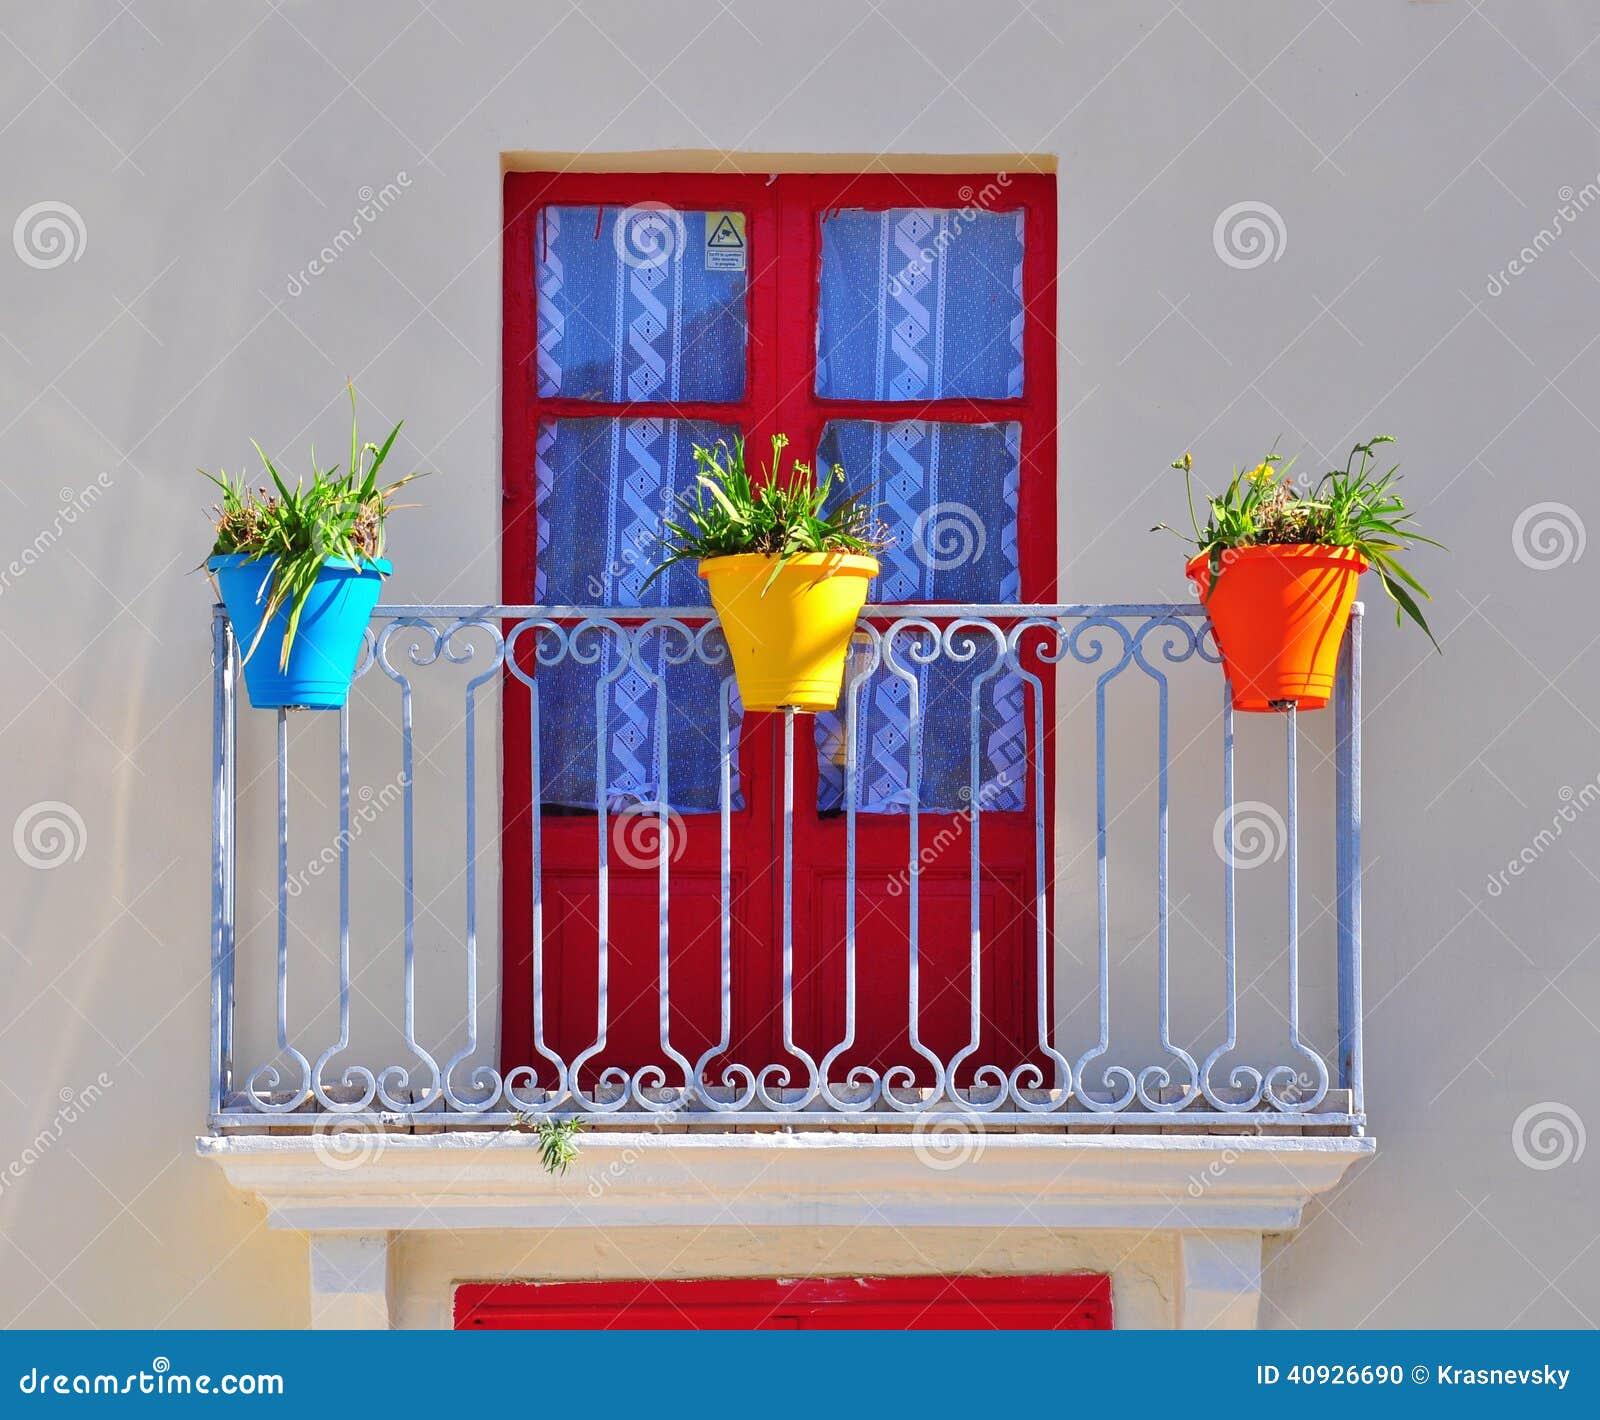 Colorful Balcony Stock Photo Image Of Italy Balcony 40926690